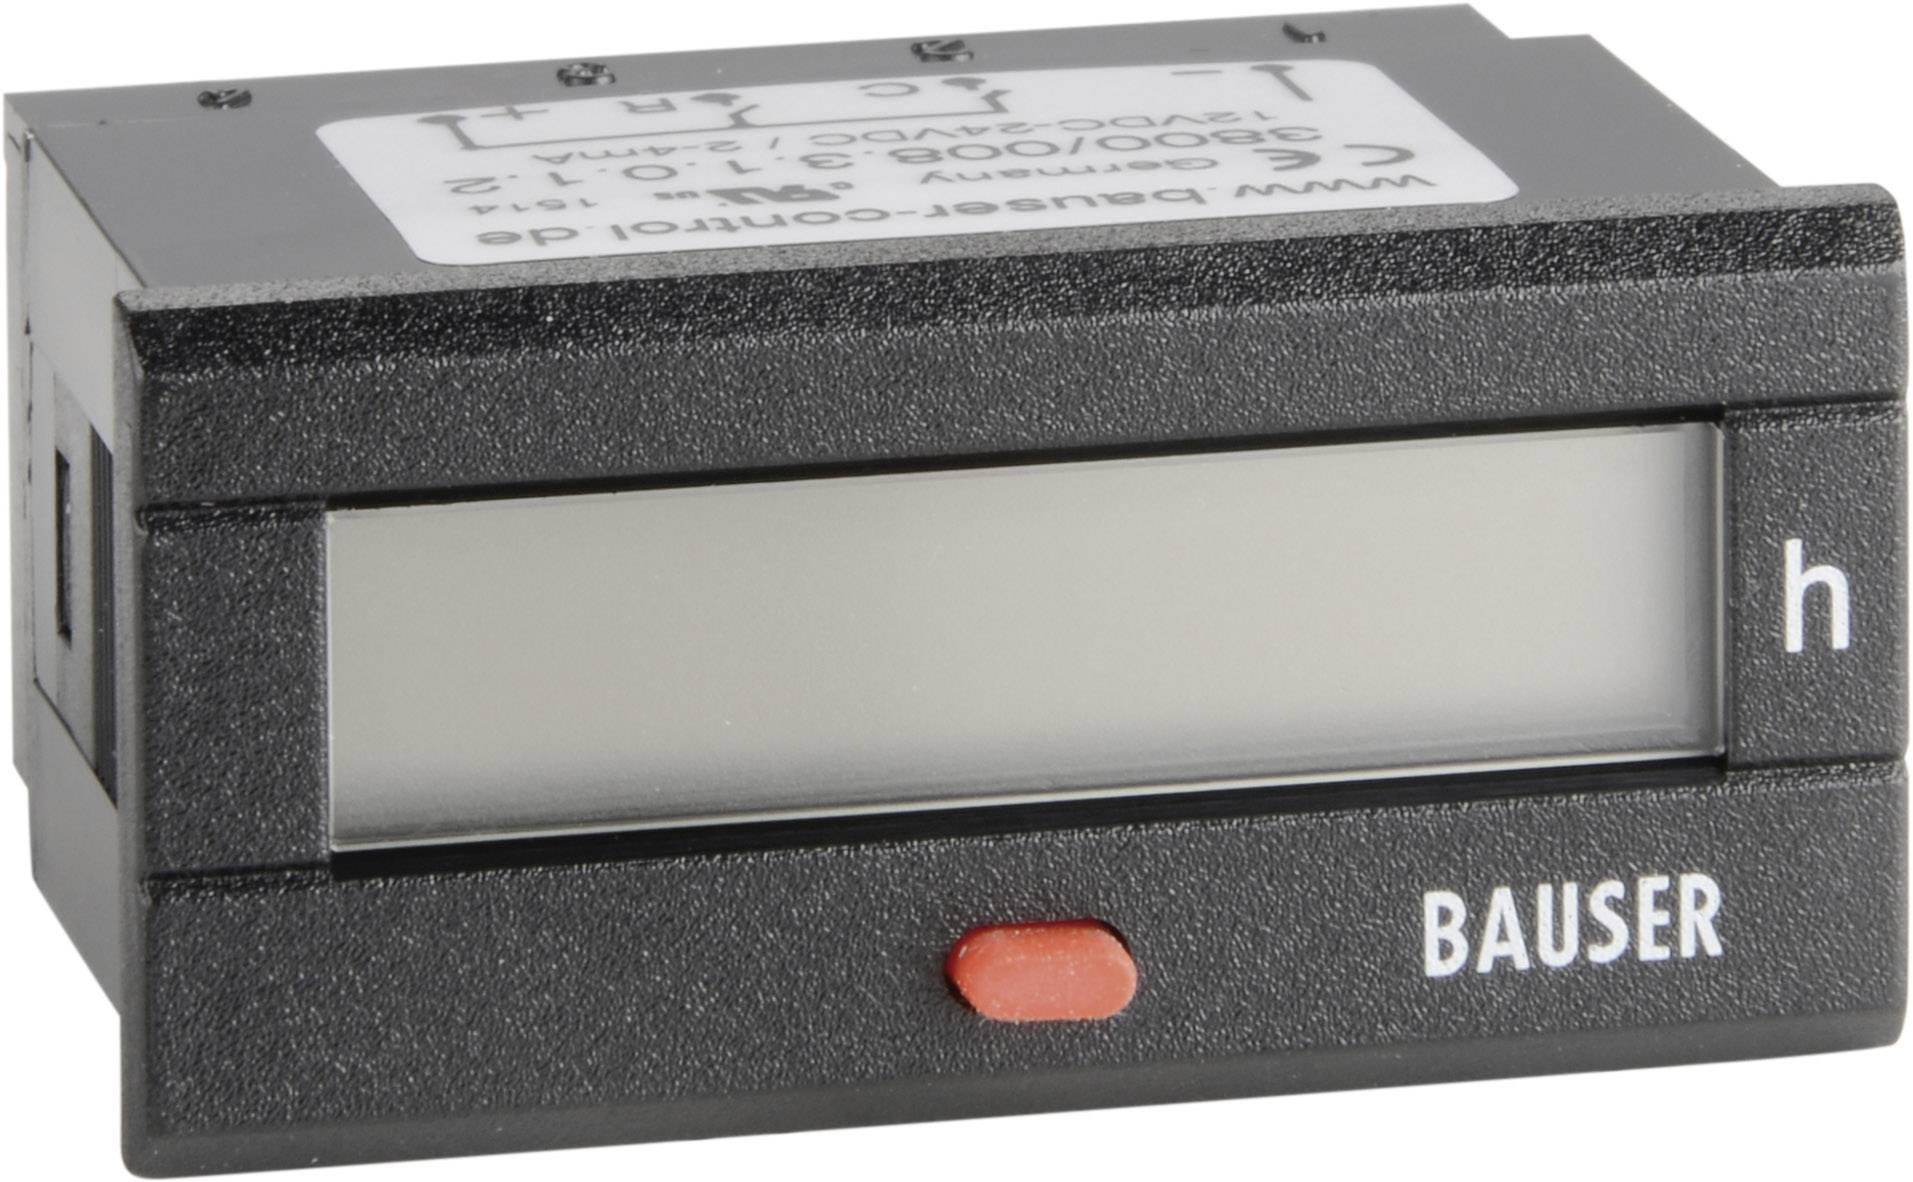 Počítadlo prevádzkových hodín Bauser 3800.2.1.0.1.2, 12 - 24 VDC, 45 x 22 mm, IP65